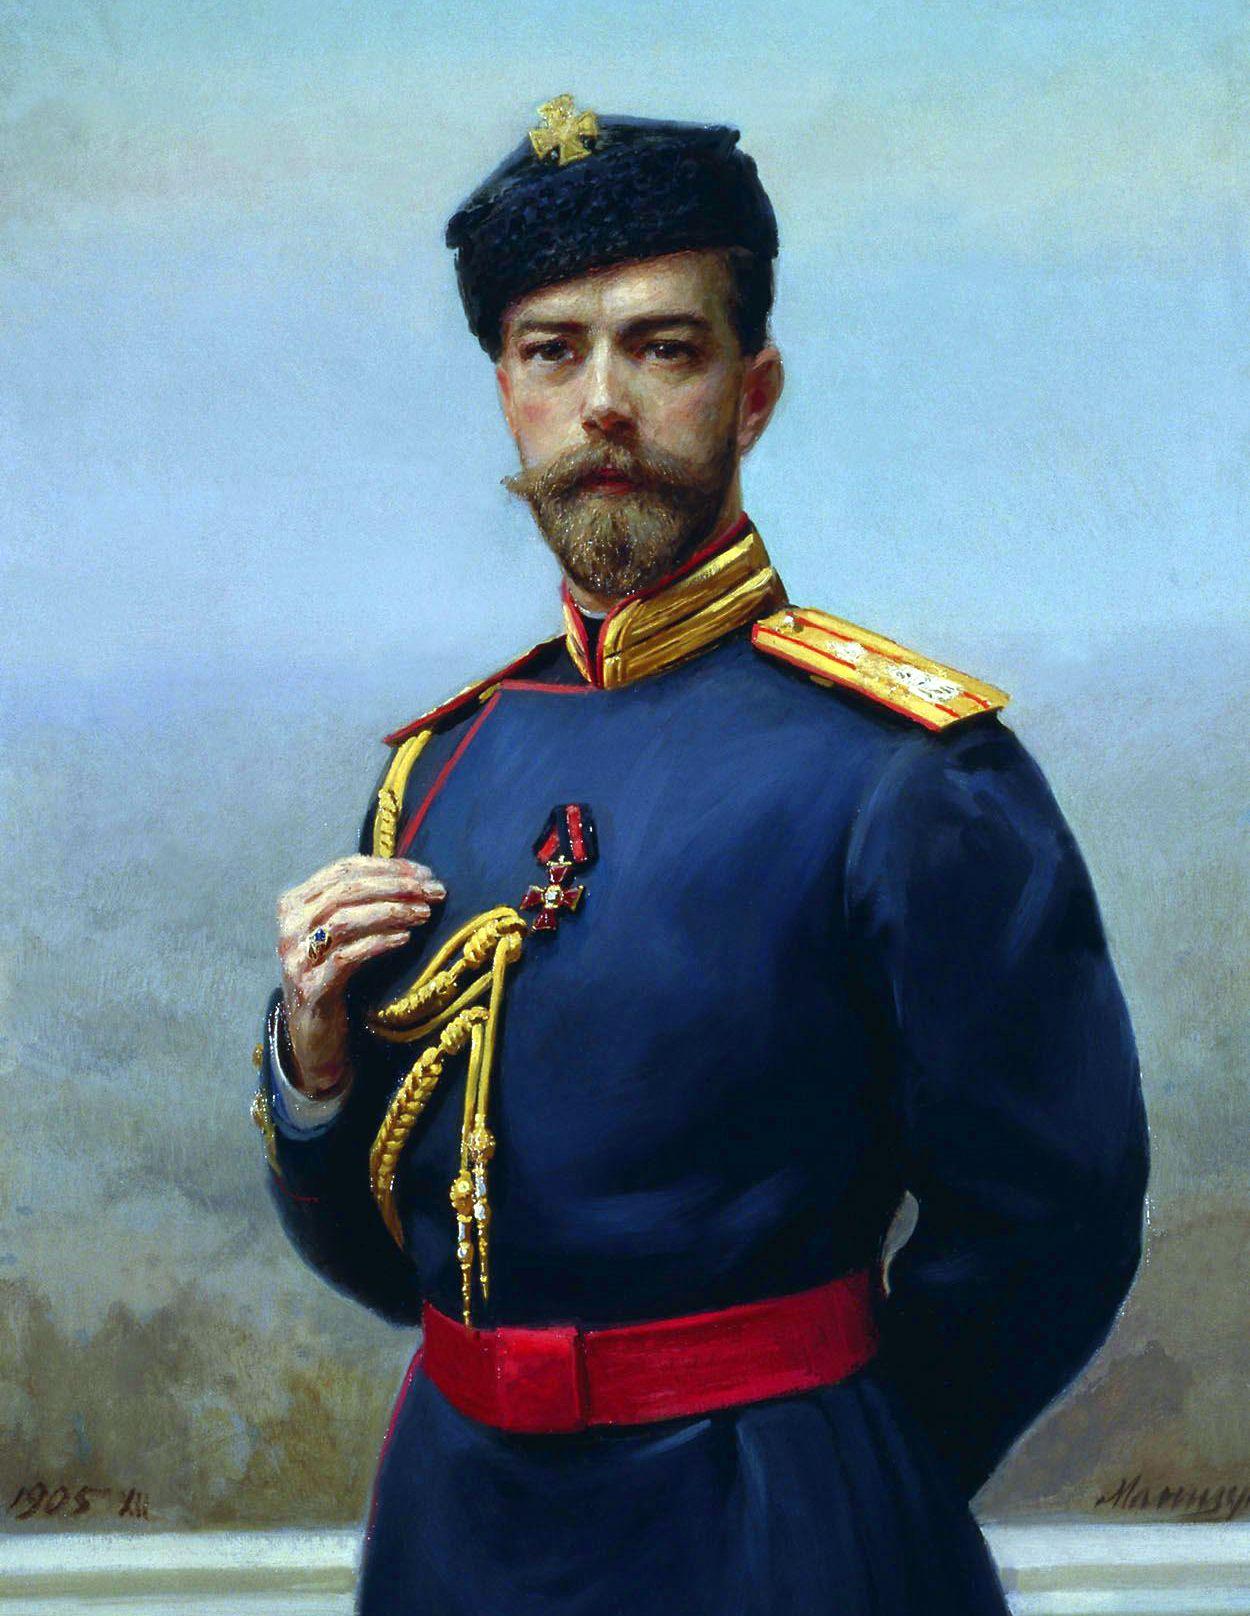 Członkowie PPS planowali zamach nawet na cara Mikołaja II.